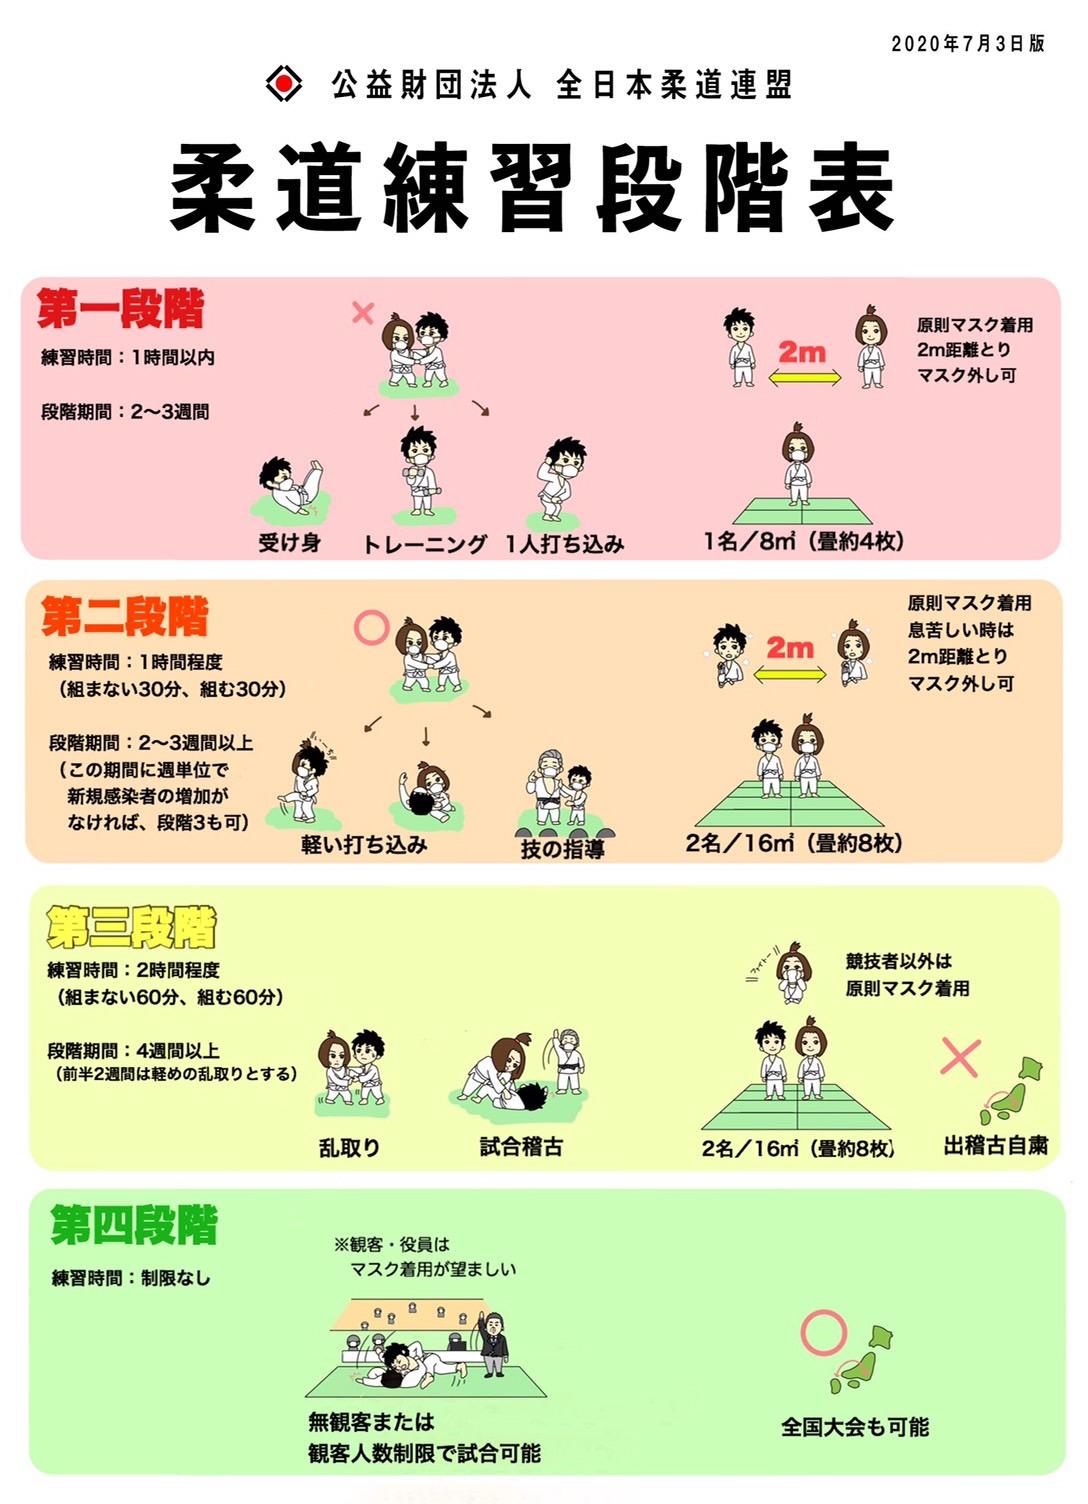 石川裕紀氏が作成した全日本柔道連盟の練習段階表